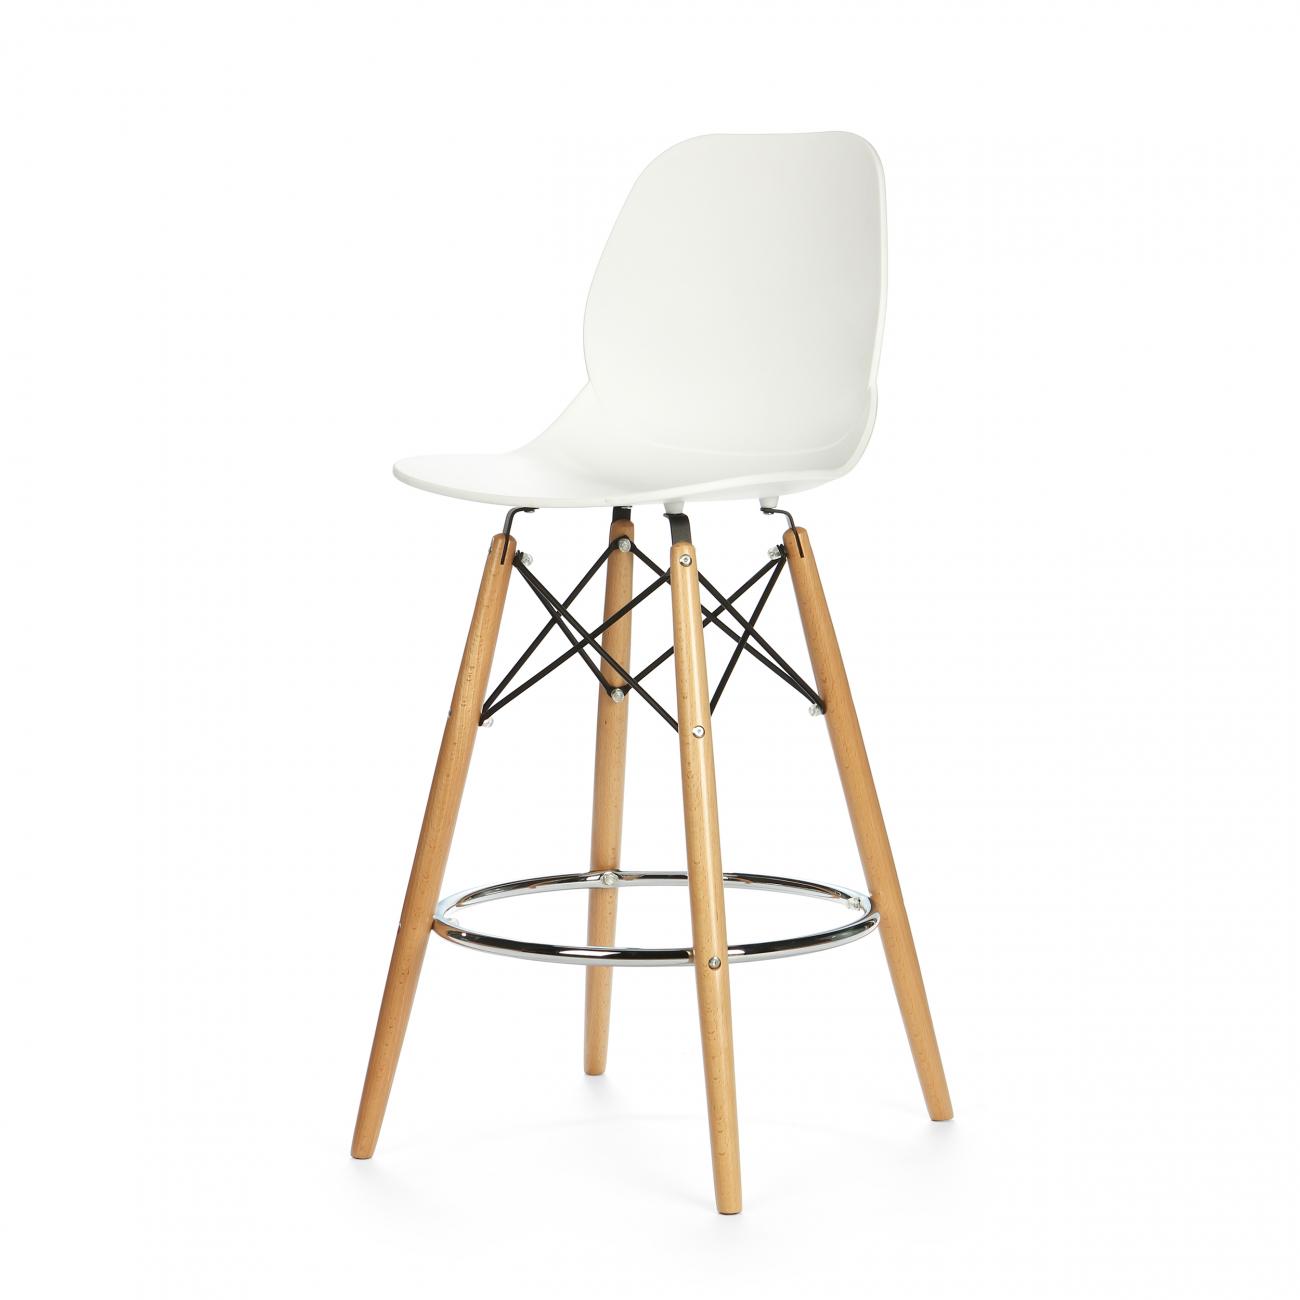 Купить Барный стул Классик DSW Белый в интернет магазине дизайнерской мебели и аксессуаров для дома и дачи